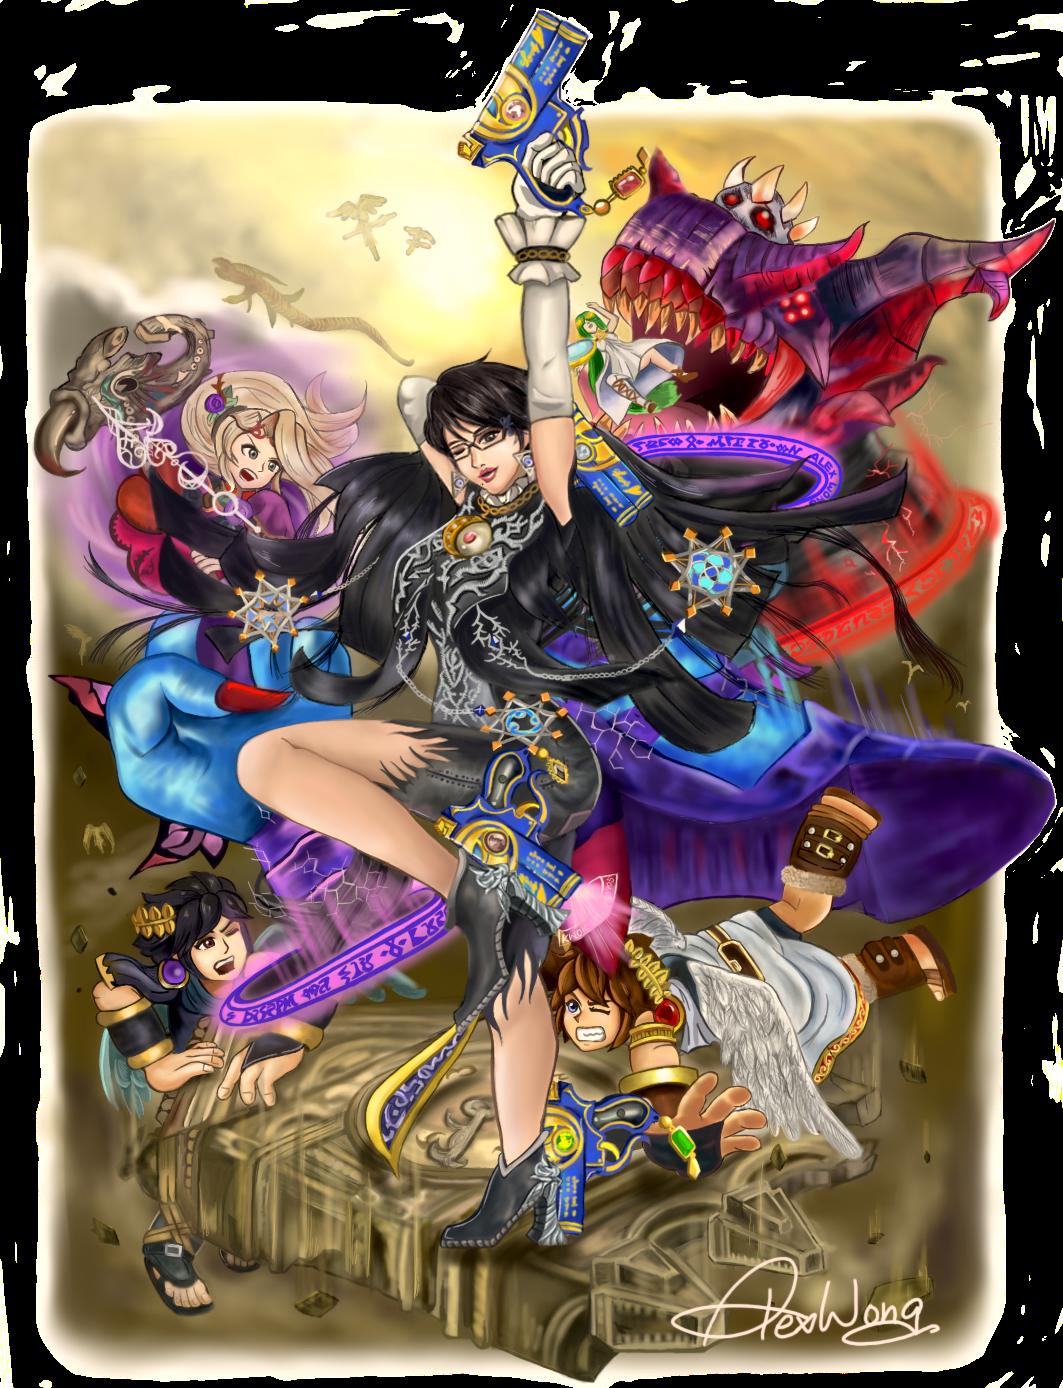 Bayonetta Crushing the Angels by kwokshing0905